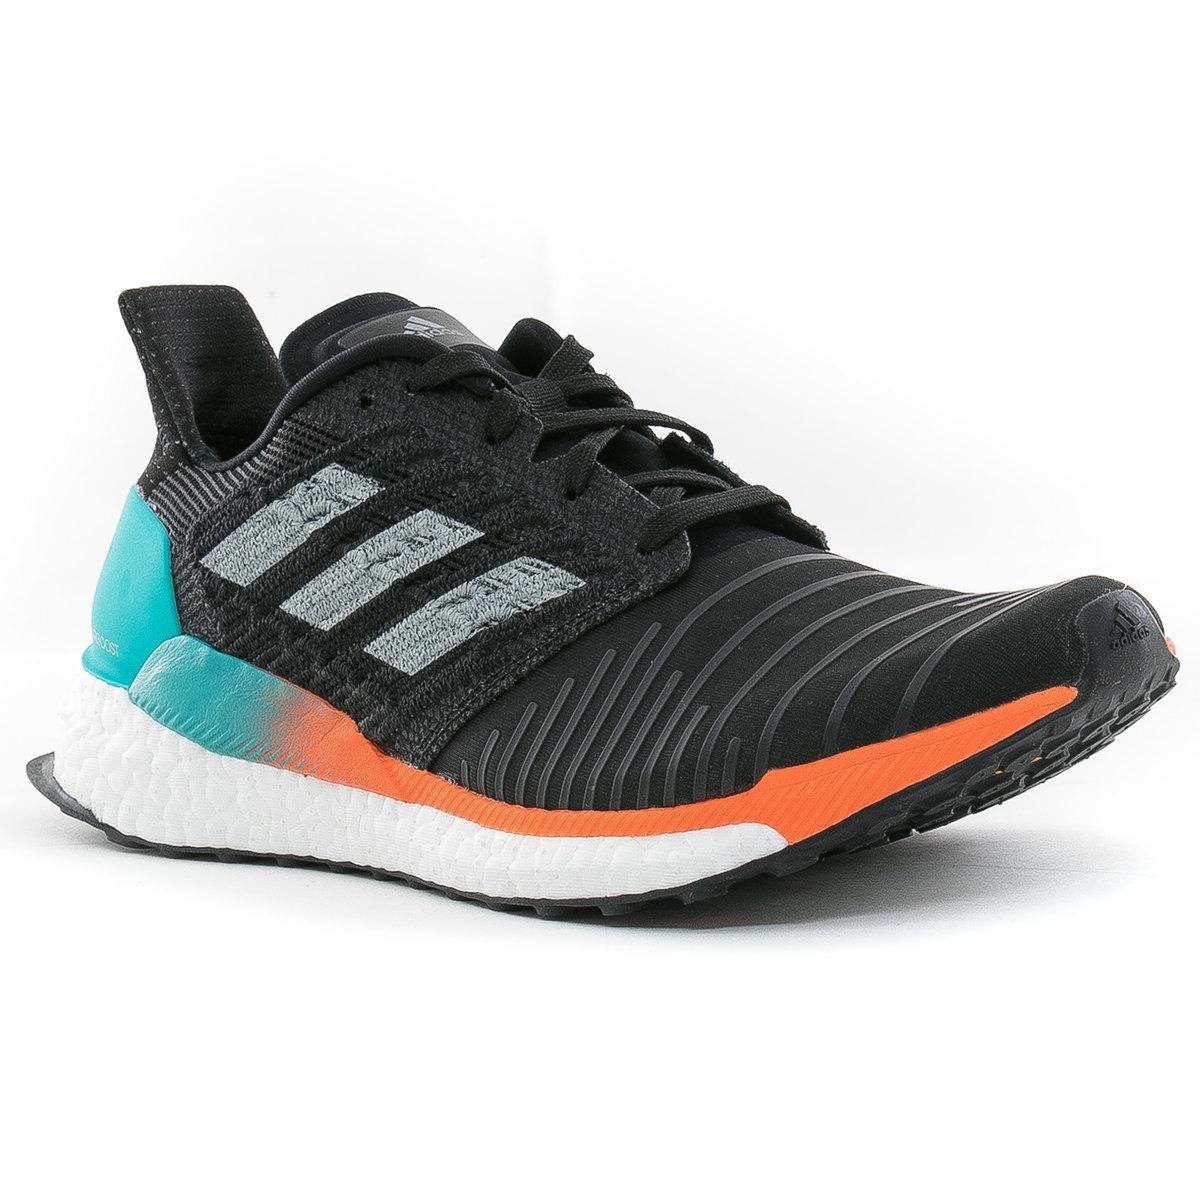 2120a62ac4e zapatillas solar boost m adidas sport 78 tienda oficial. Cargando zoom.